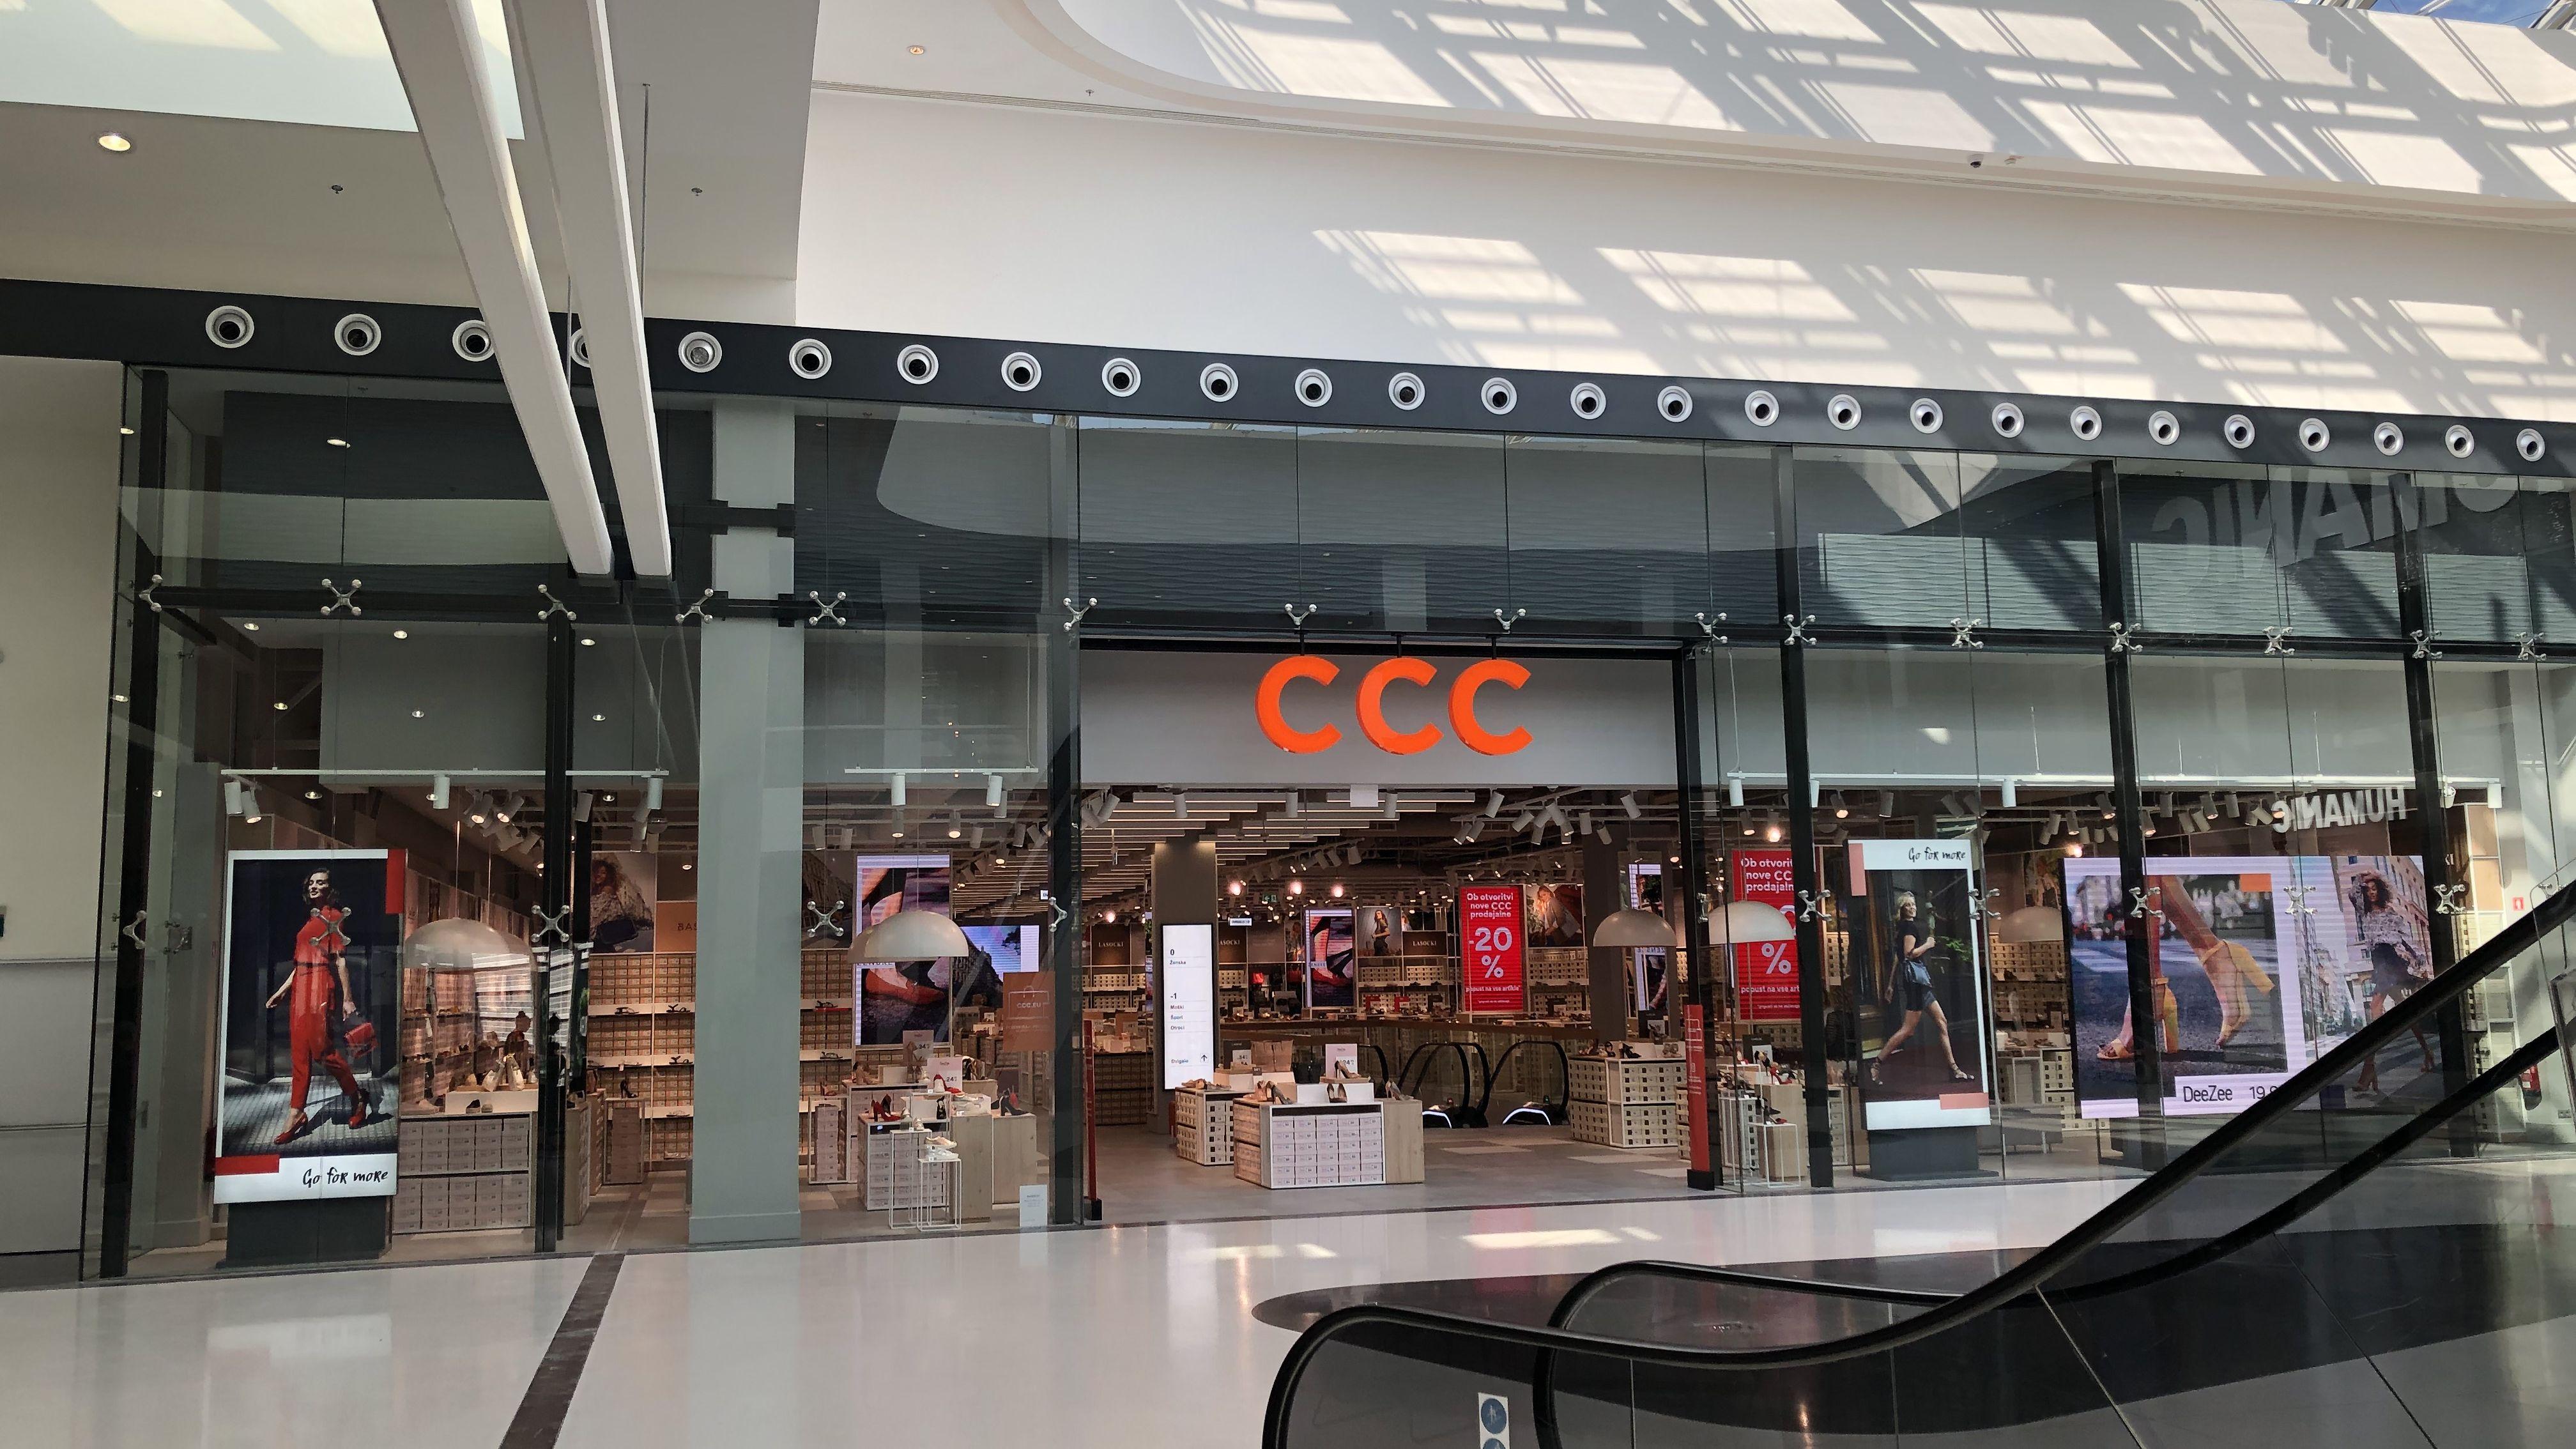 Polnischer Filialist expandiert weiter: CCC ist größter